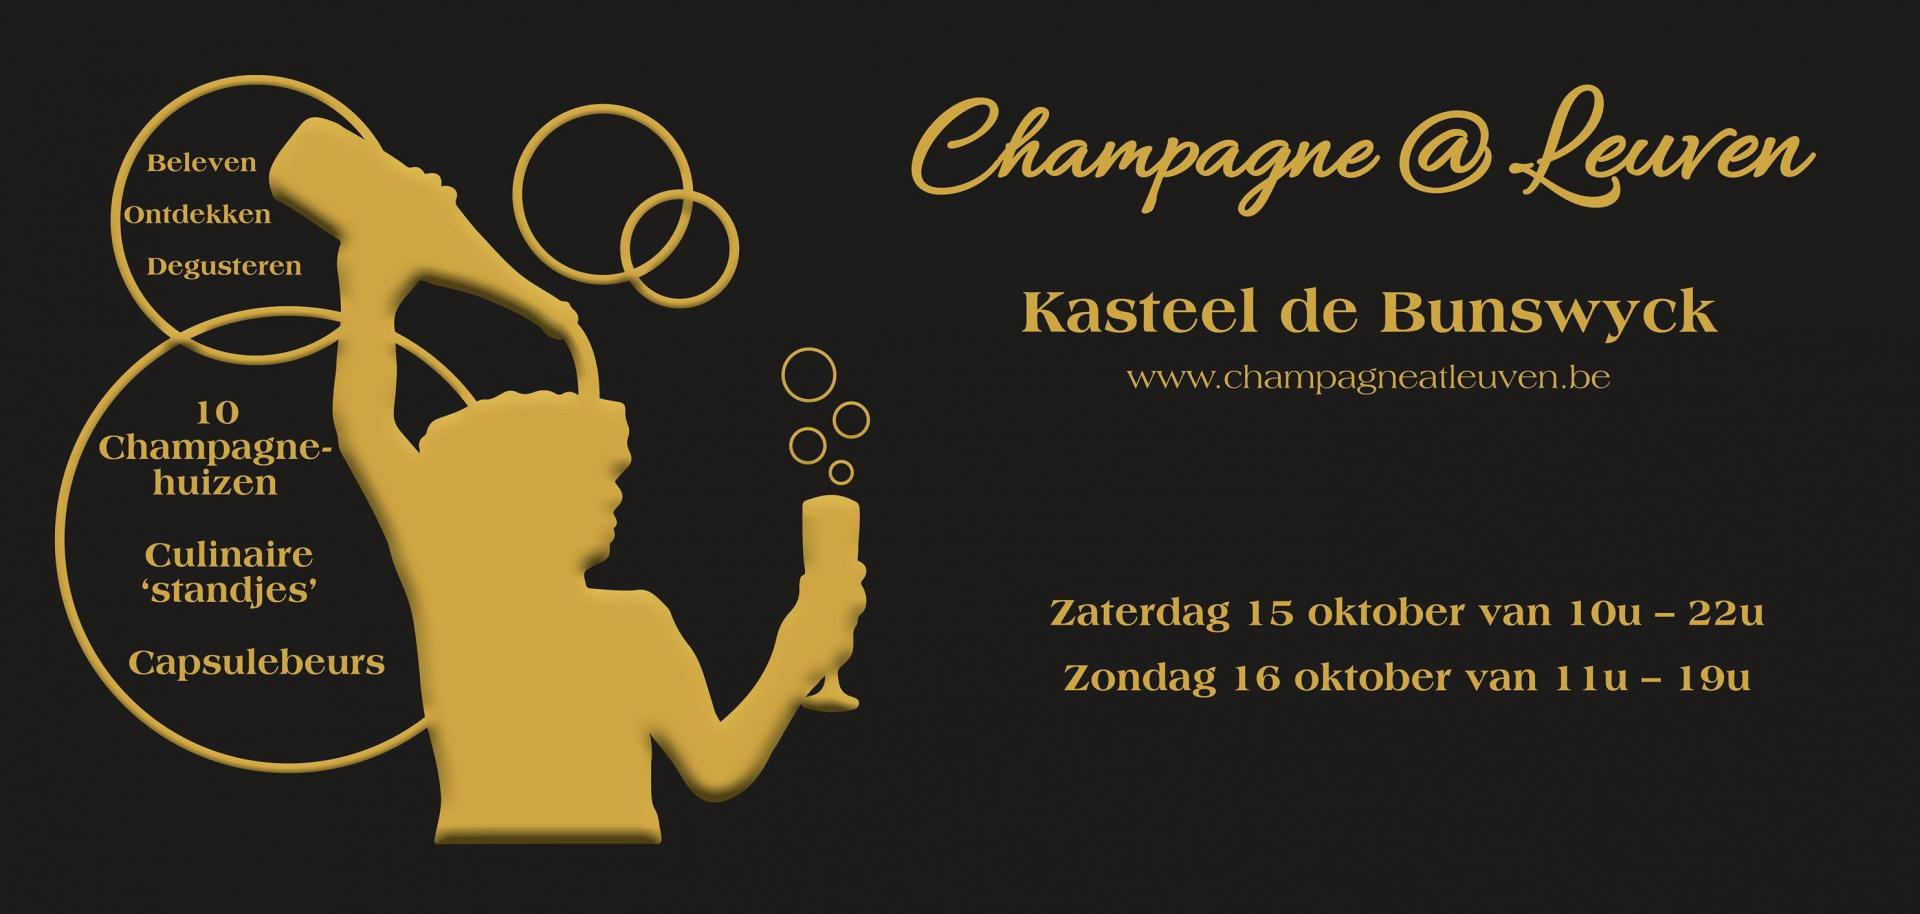 Champagne@Leuven